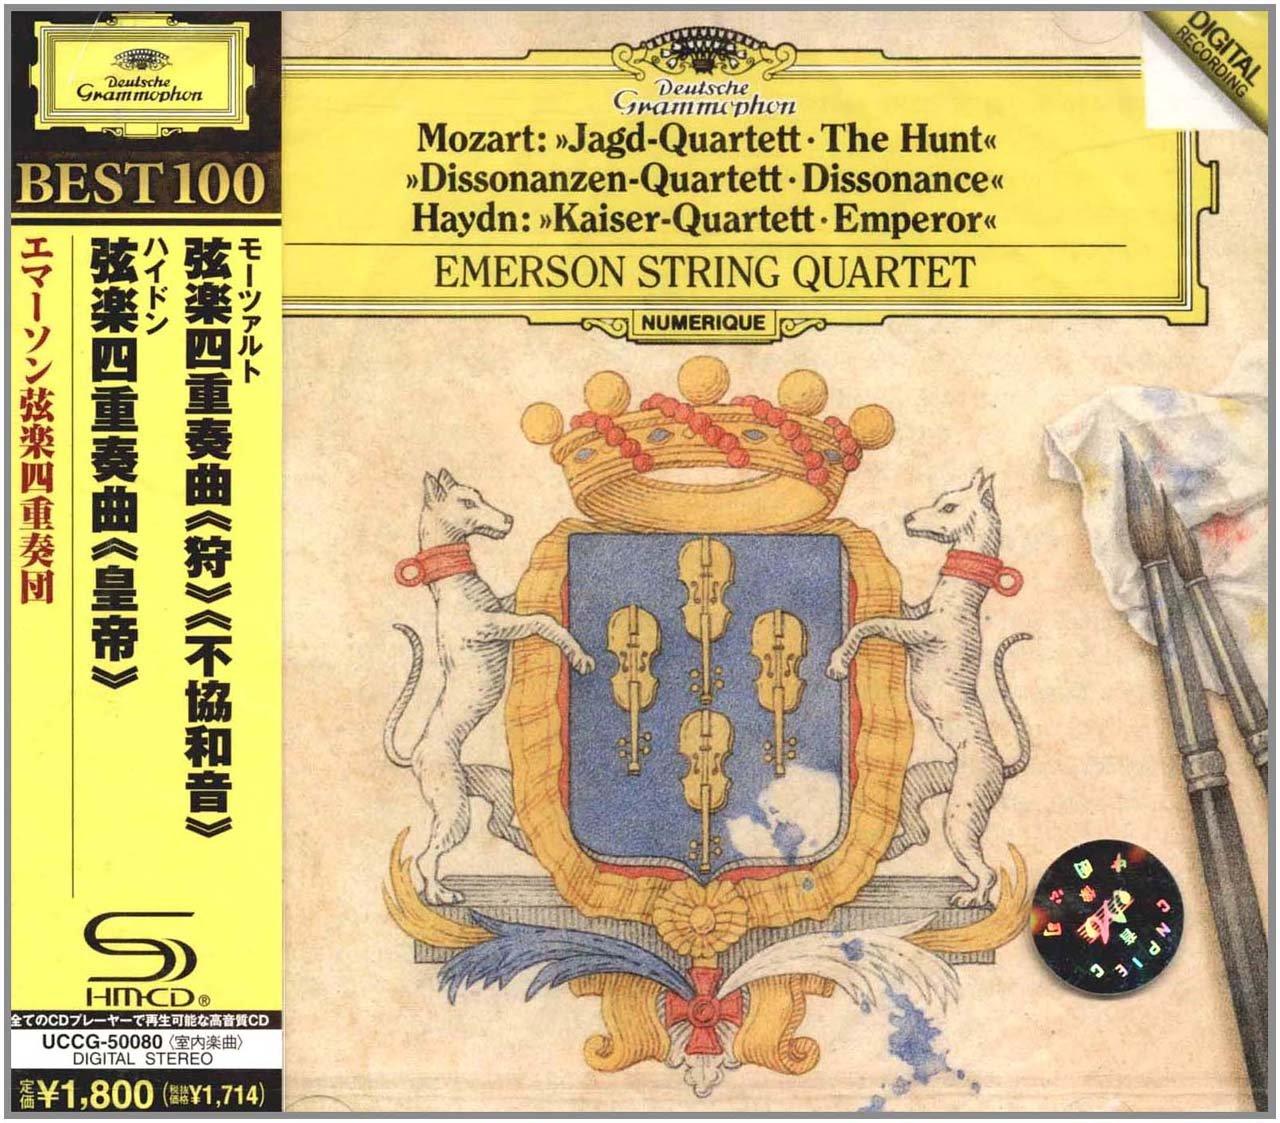 进口cd:莫扎特弦乐四重奏(cd)uccg50080